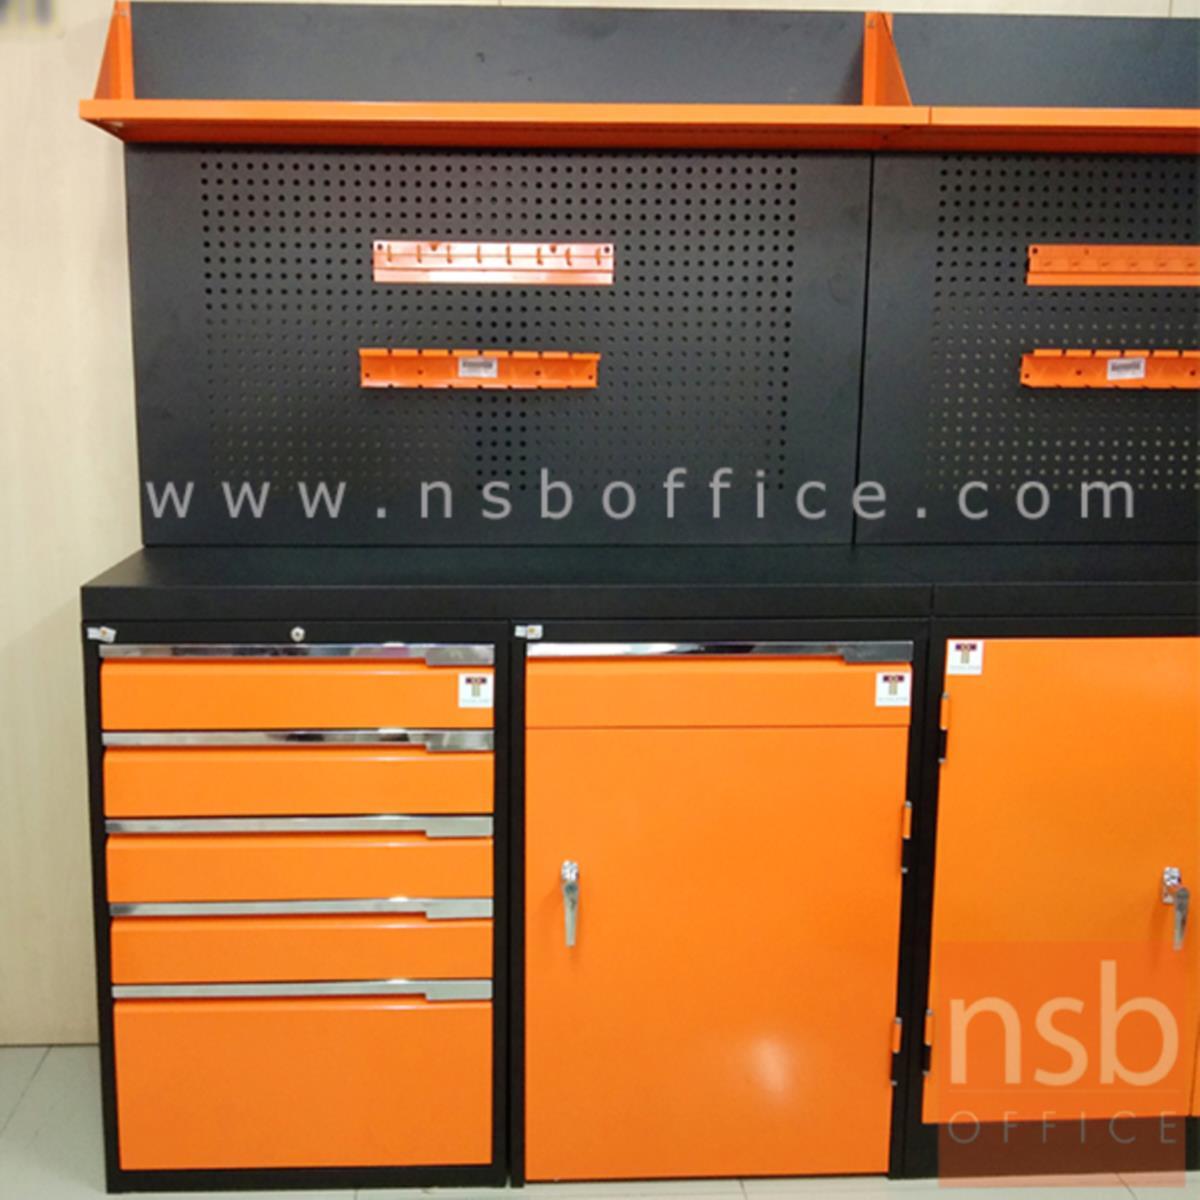 ชุดตู้เก็บเครื่องมือช่าง 1 บานเปิด 5 ลิ้นชัก 123.5W cm. พร้อมแผ่นท็อปแผ่นชั้นและอุปกรณ์เสริม